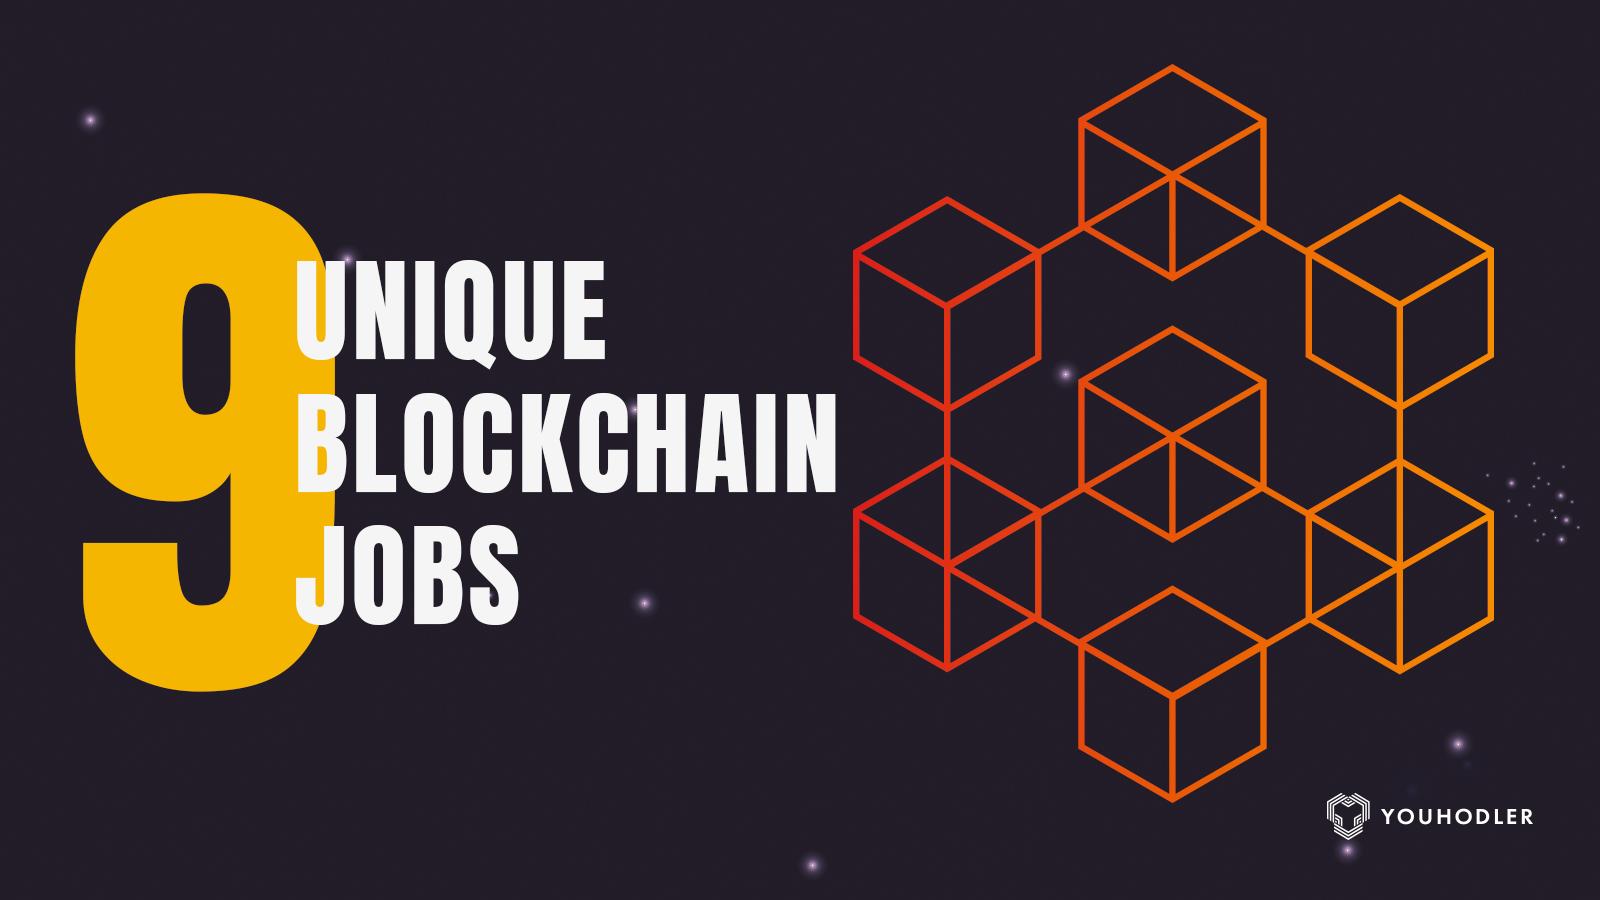 graphic explaining unique blockchain jobs